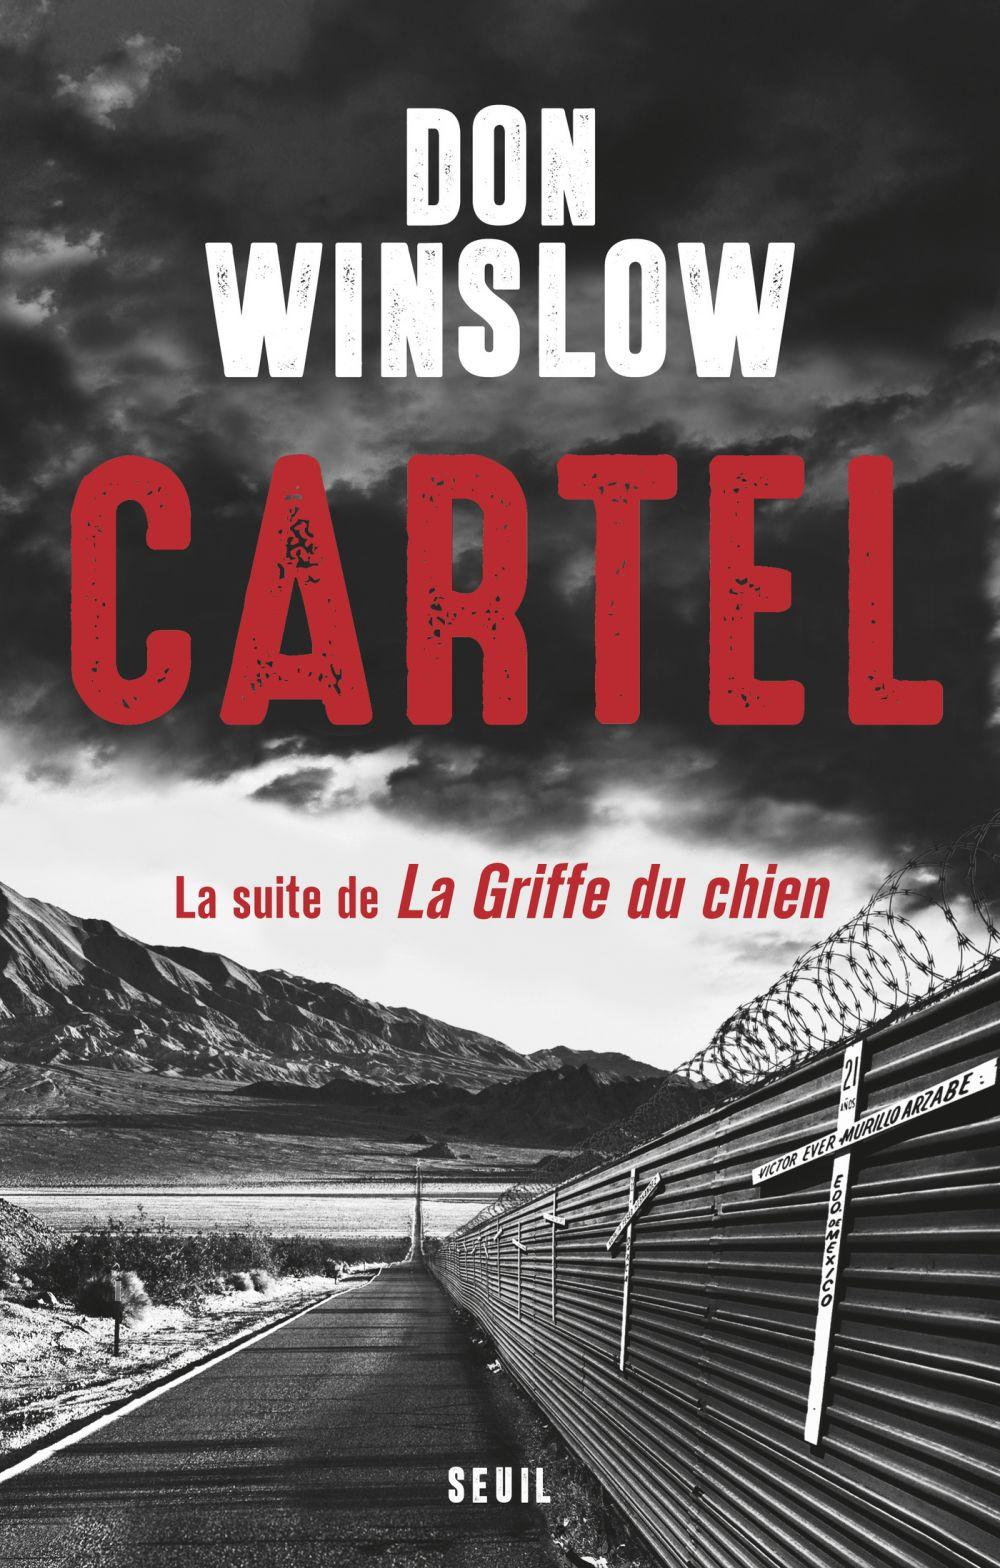 Cartel, la suite de la Griffe du chien   Winslow, Don. Auteur